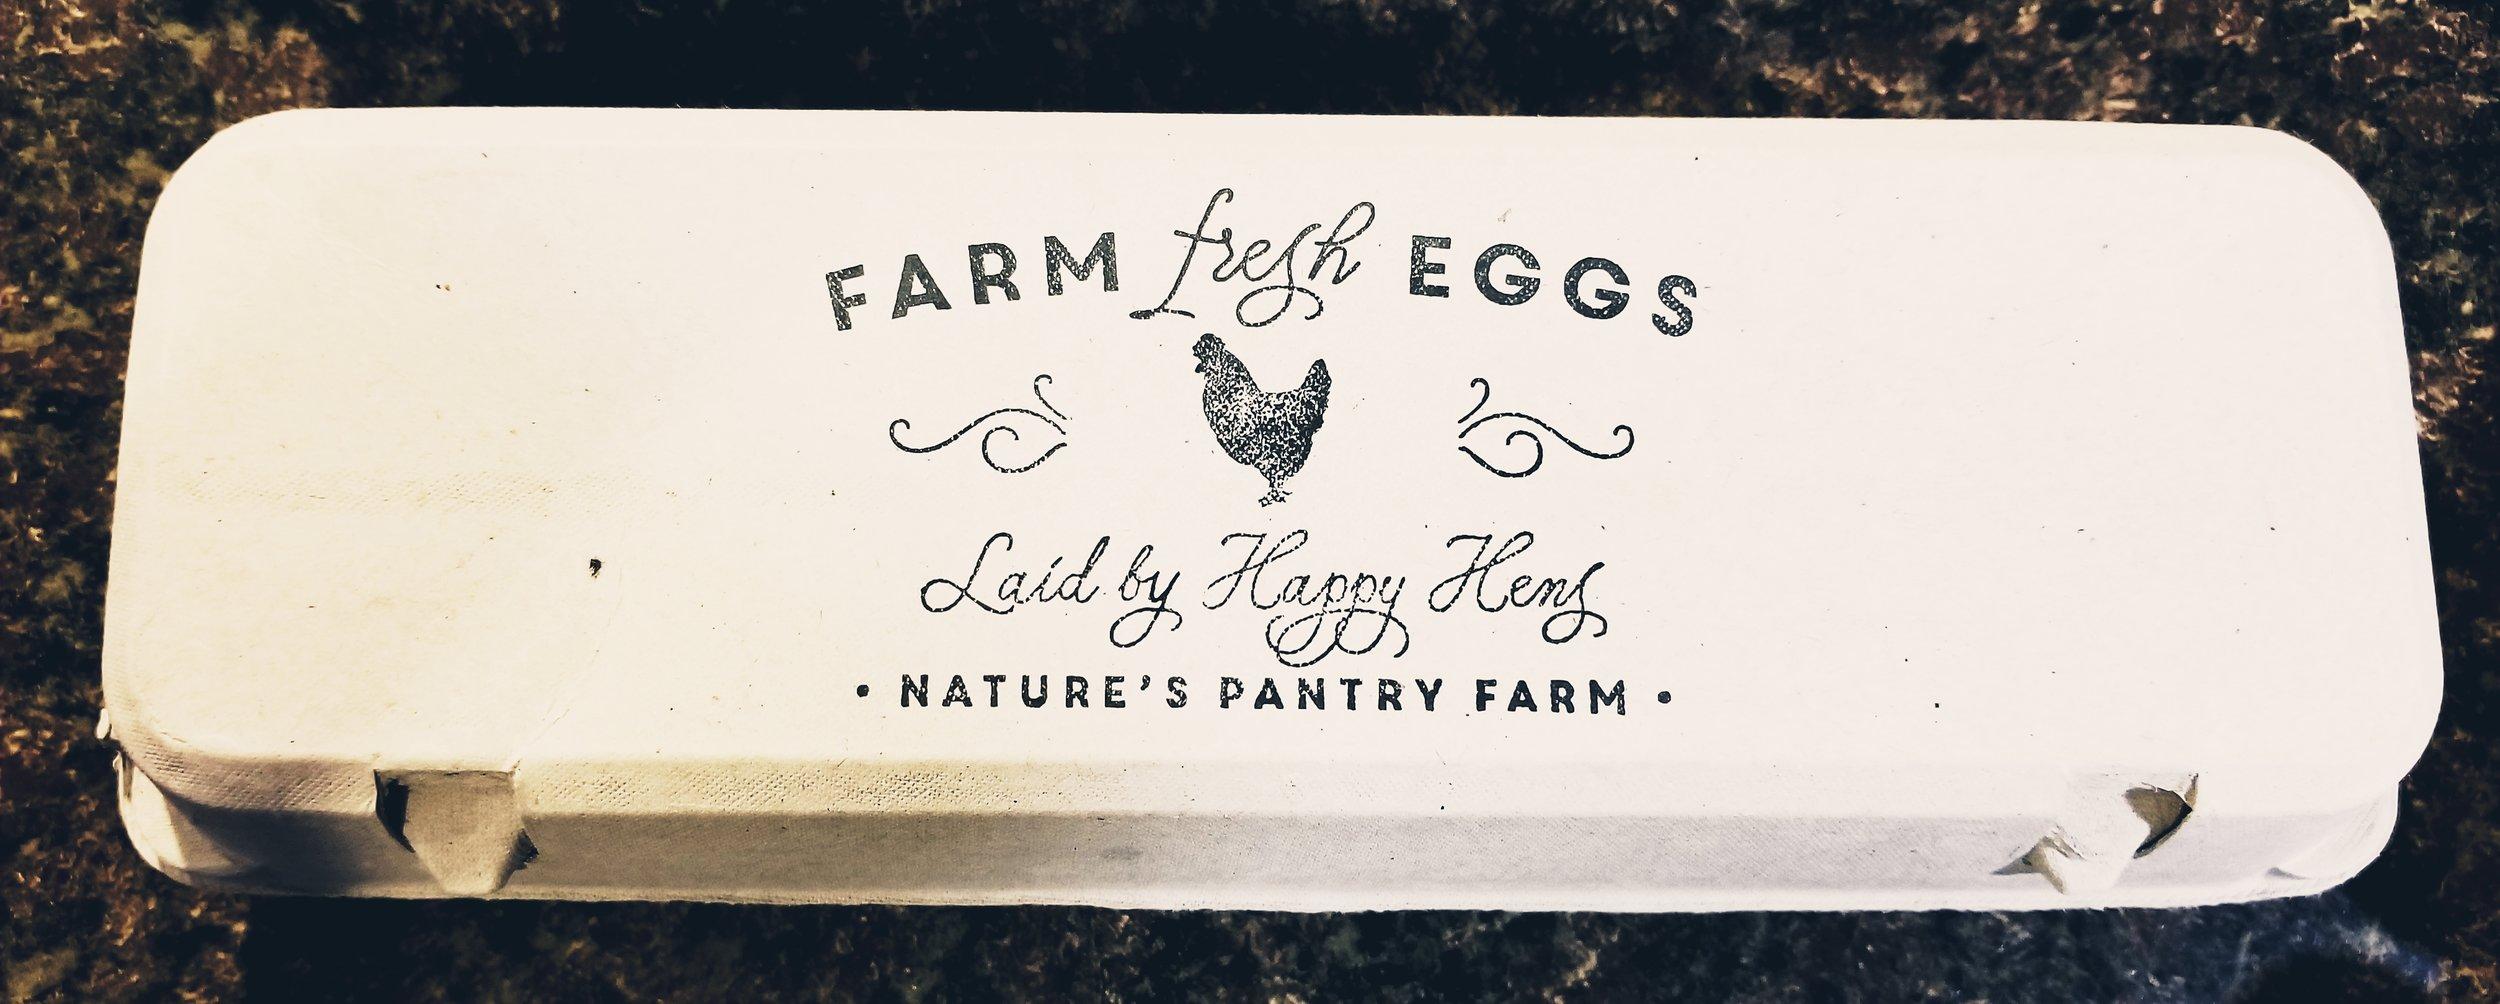 egg carton.jpg